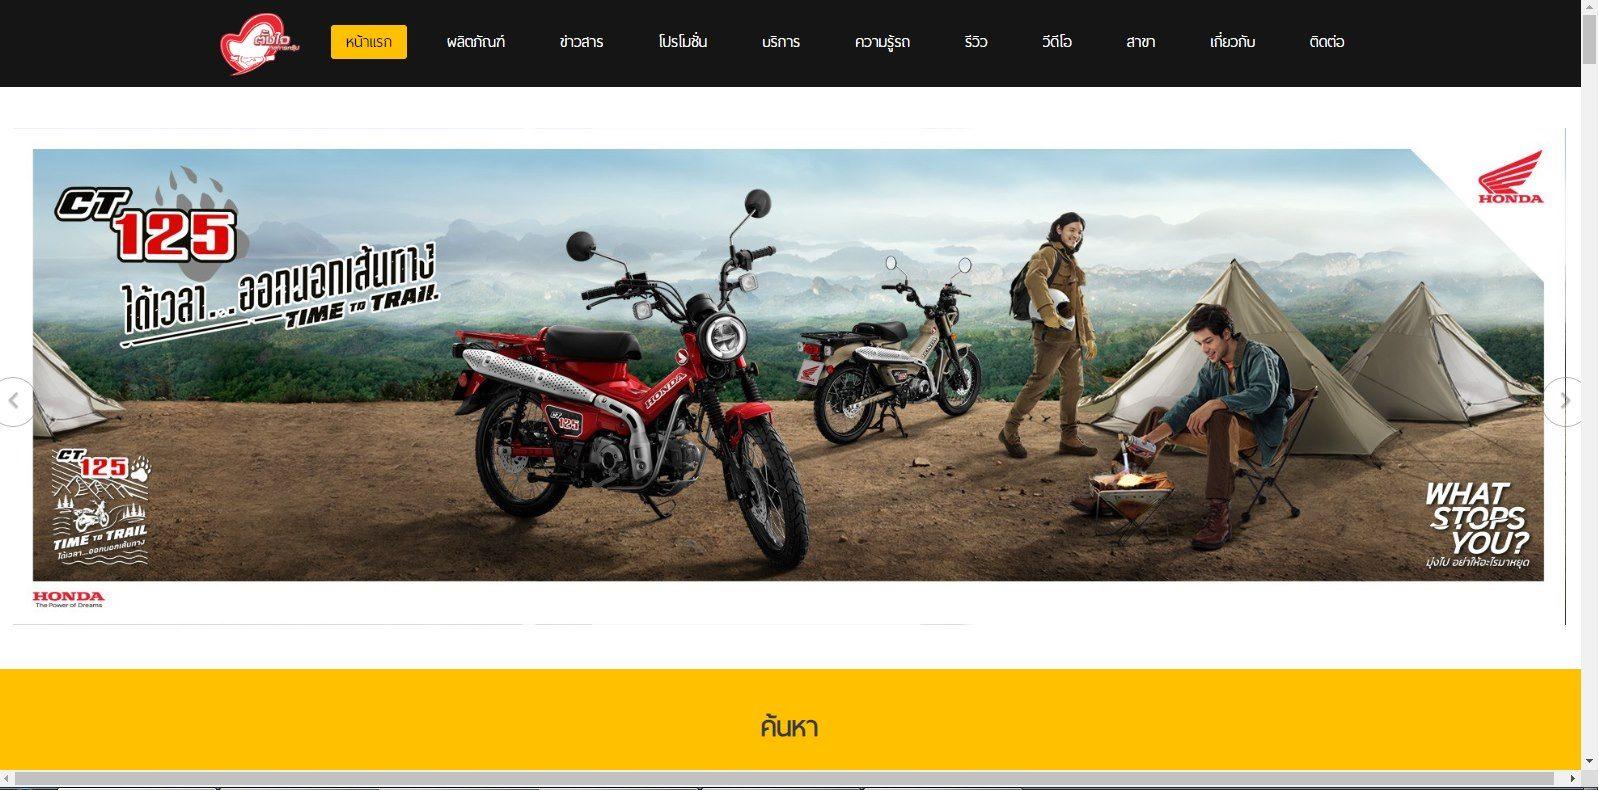 เว็บไซต์บริษัทรถมอเตอร์ไซค์อันดับ1ของภาคใต้-https://tangjaikonlakan.com/  รับทำเว็บไซต์,ภาคใต้,application,ios,android